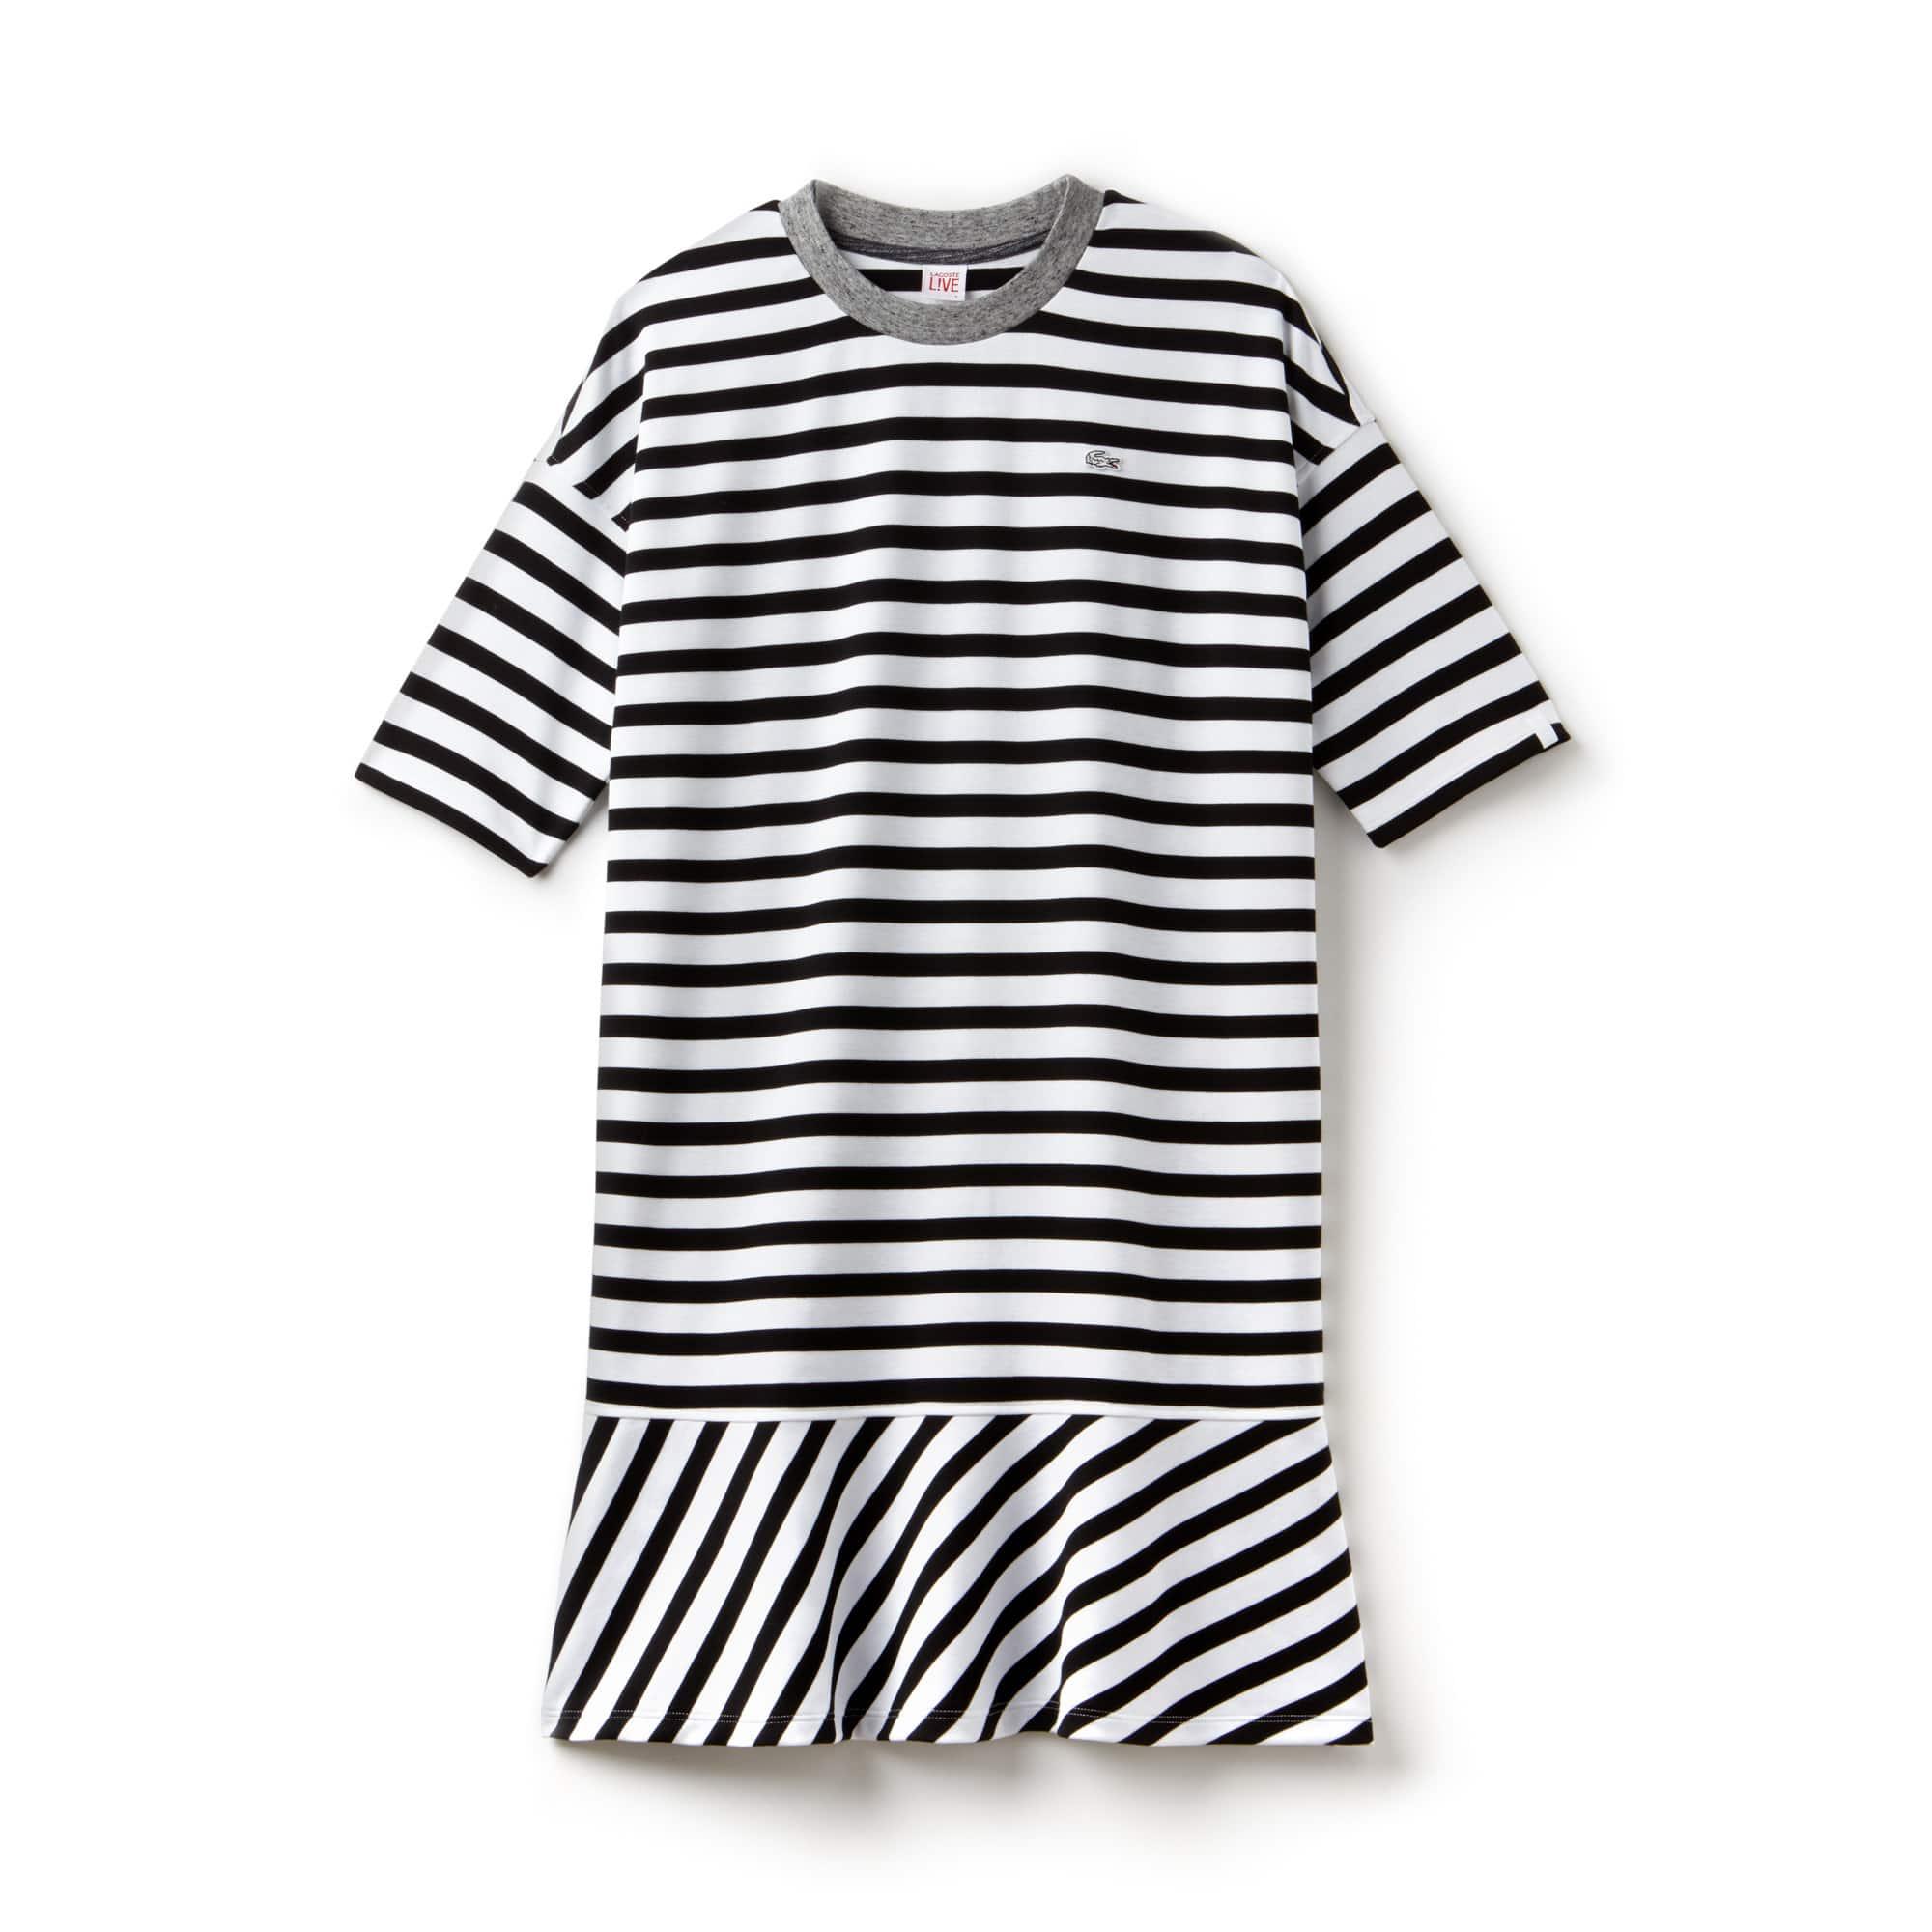 Lacoste LIVE-zeiljurk dames jersey met contrasterende afwerking